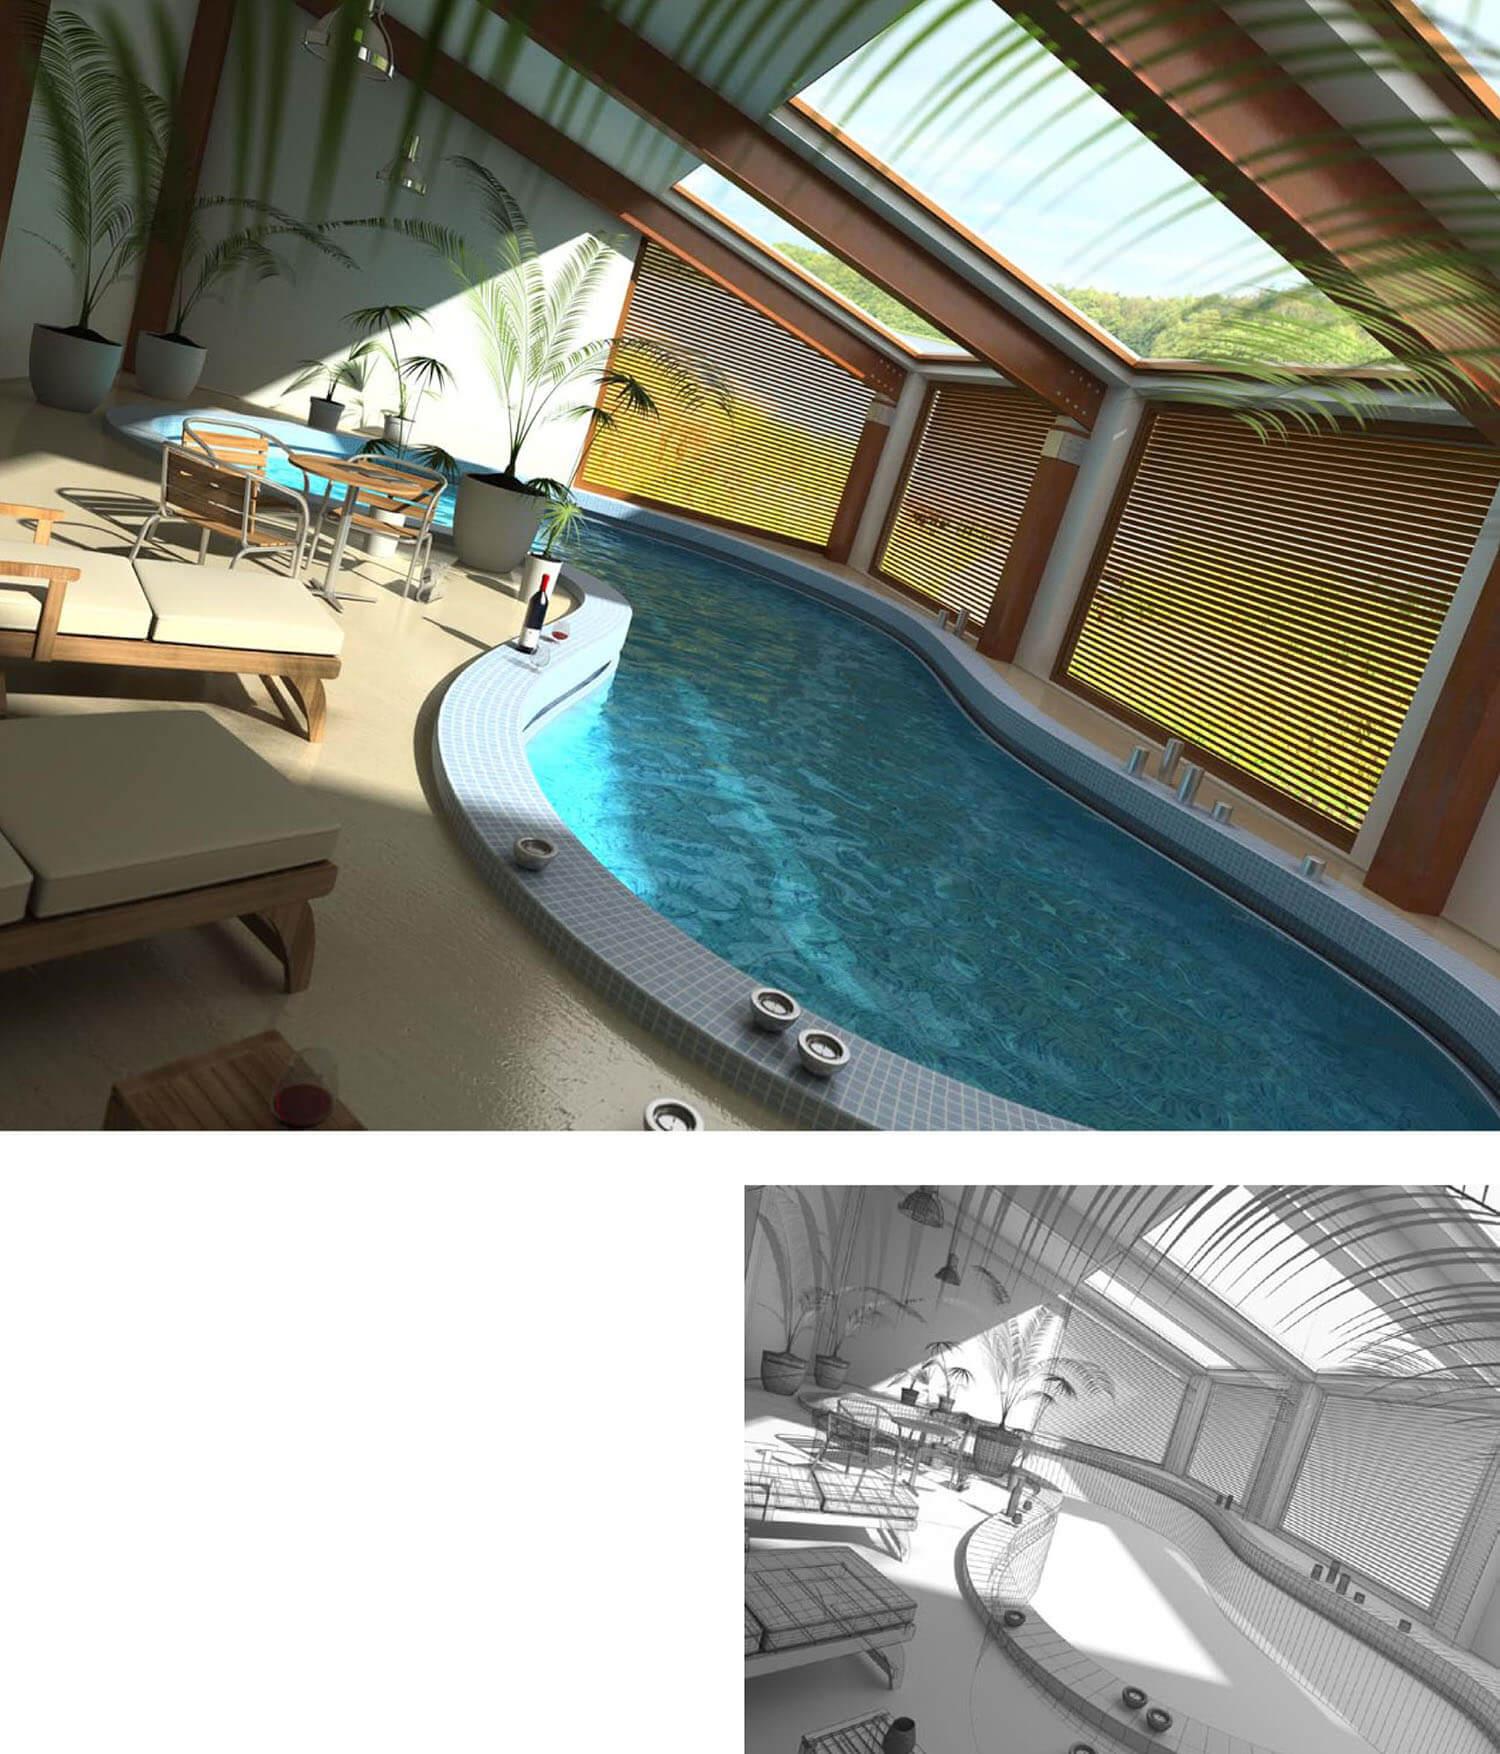 Mẫu bể bơi trong nhà được thiết kế với trần kính mang đến ánh sáng thiên nhiên mà vẫn rất riêng tư